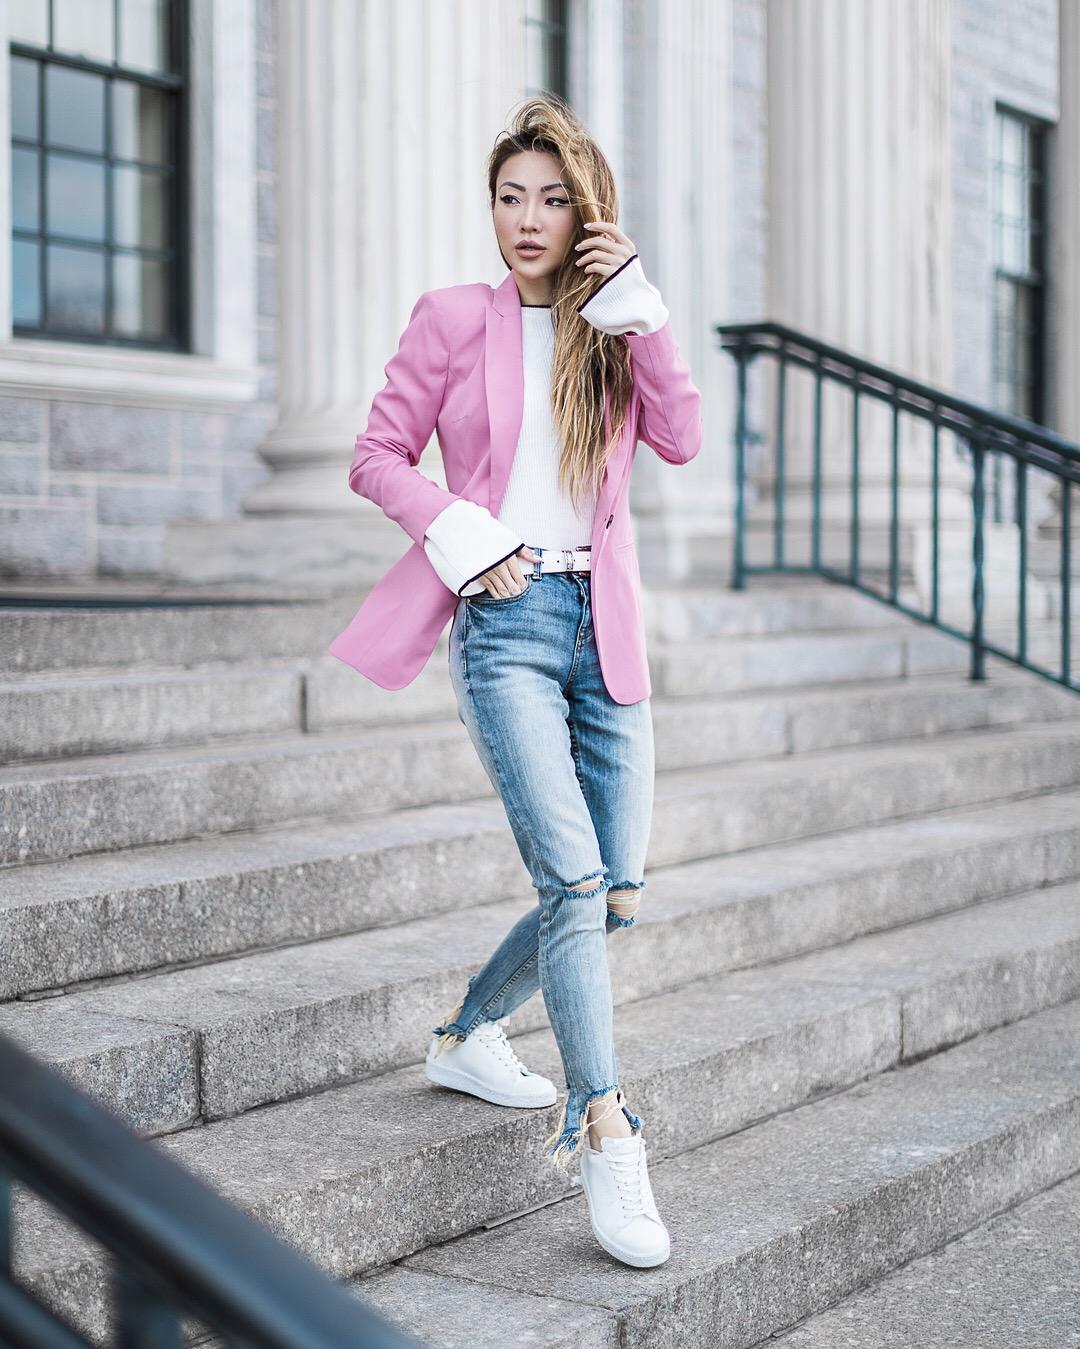 cô gái mặc áo blazer màu hồng và áo sơ mi trắng